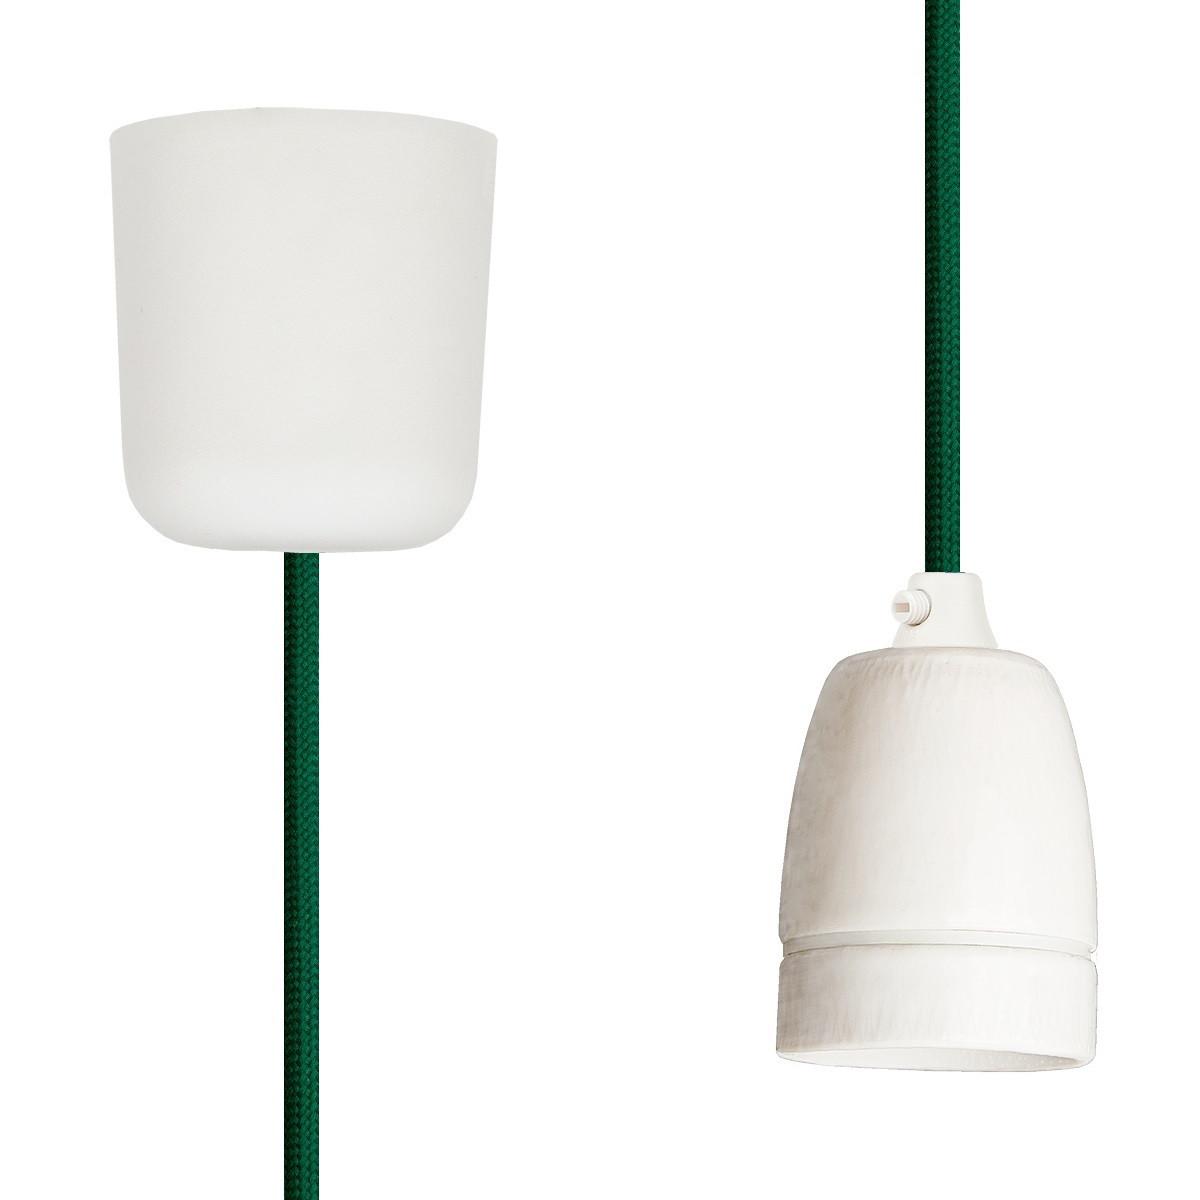 Textilkabel-Hängeleuchte Porzellan grün